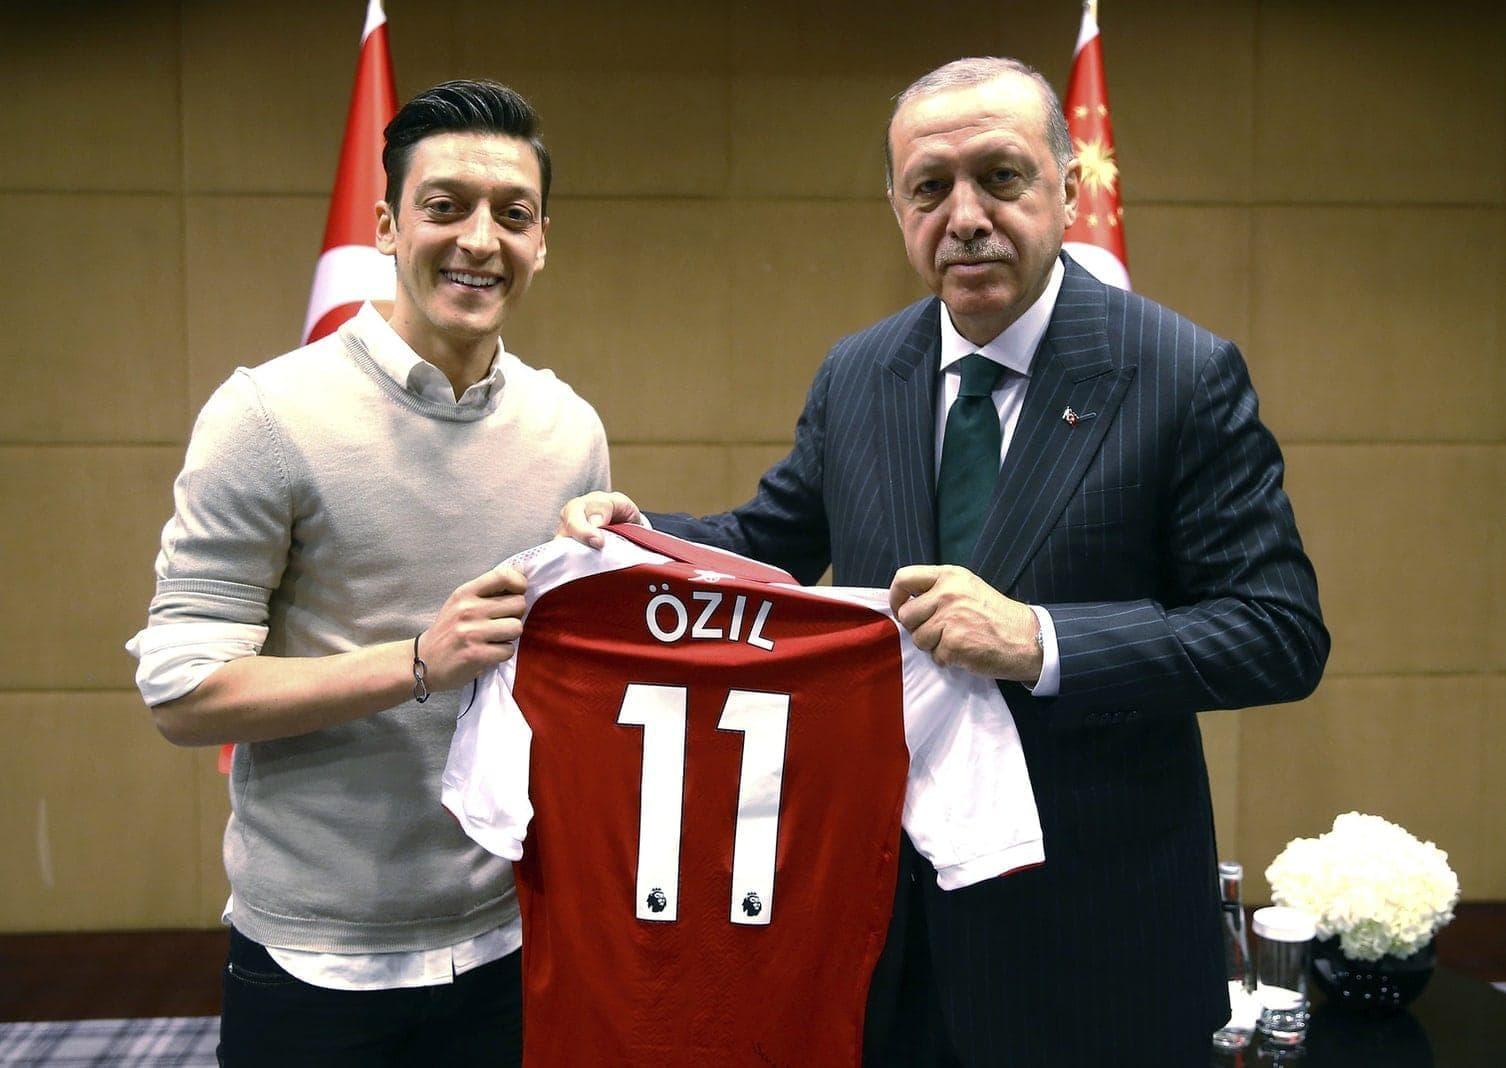 <p>Die deutsche Presselandschaft geht heftig mit dem türkisch-stämmigen Nationalspieler Mesut Özil ins Gericht.</p> Foto: dpa